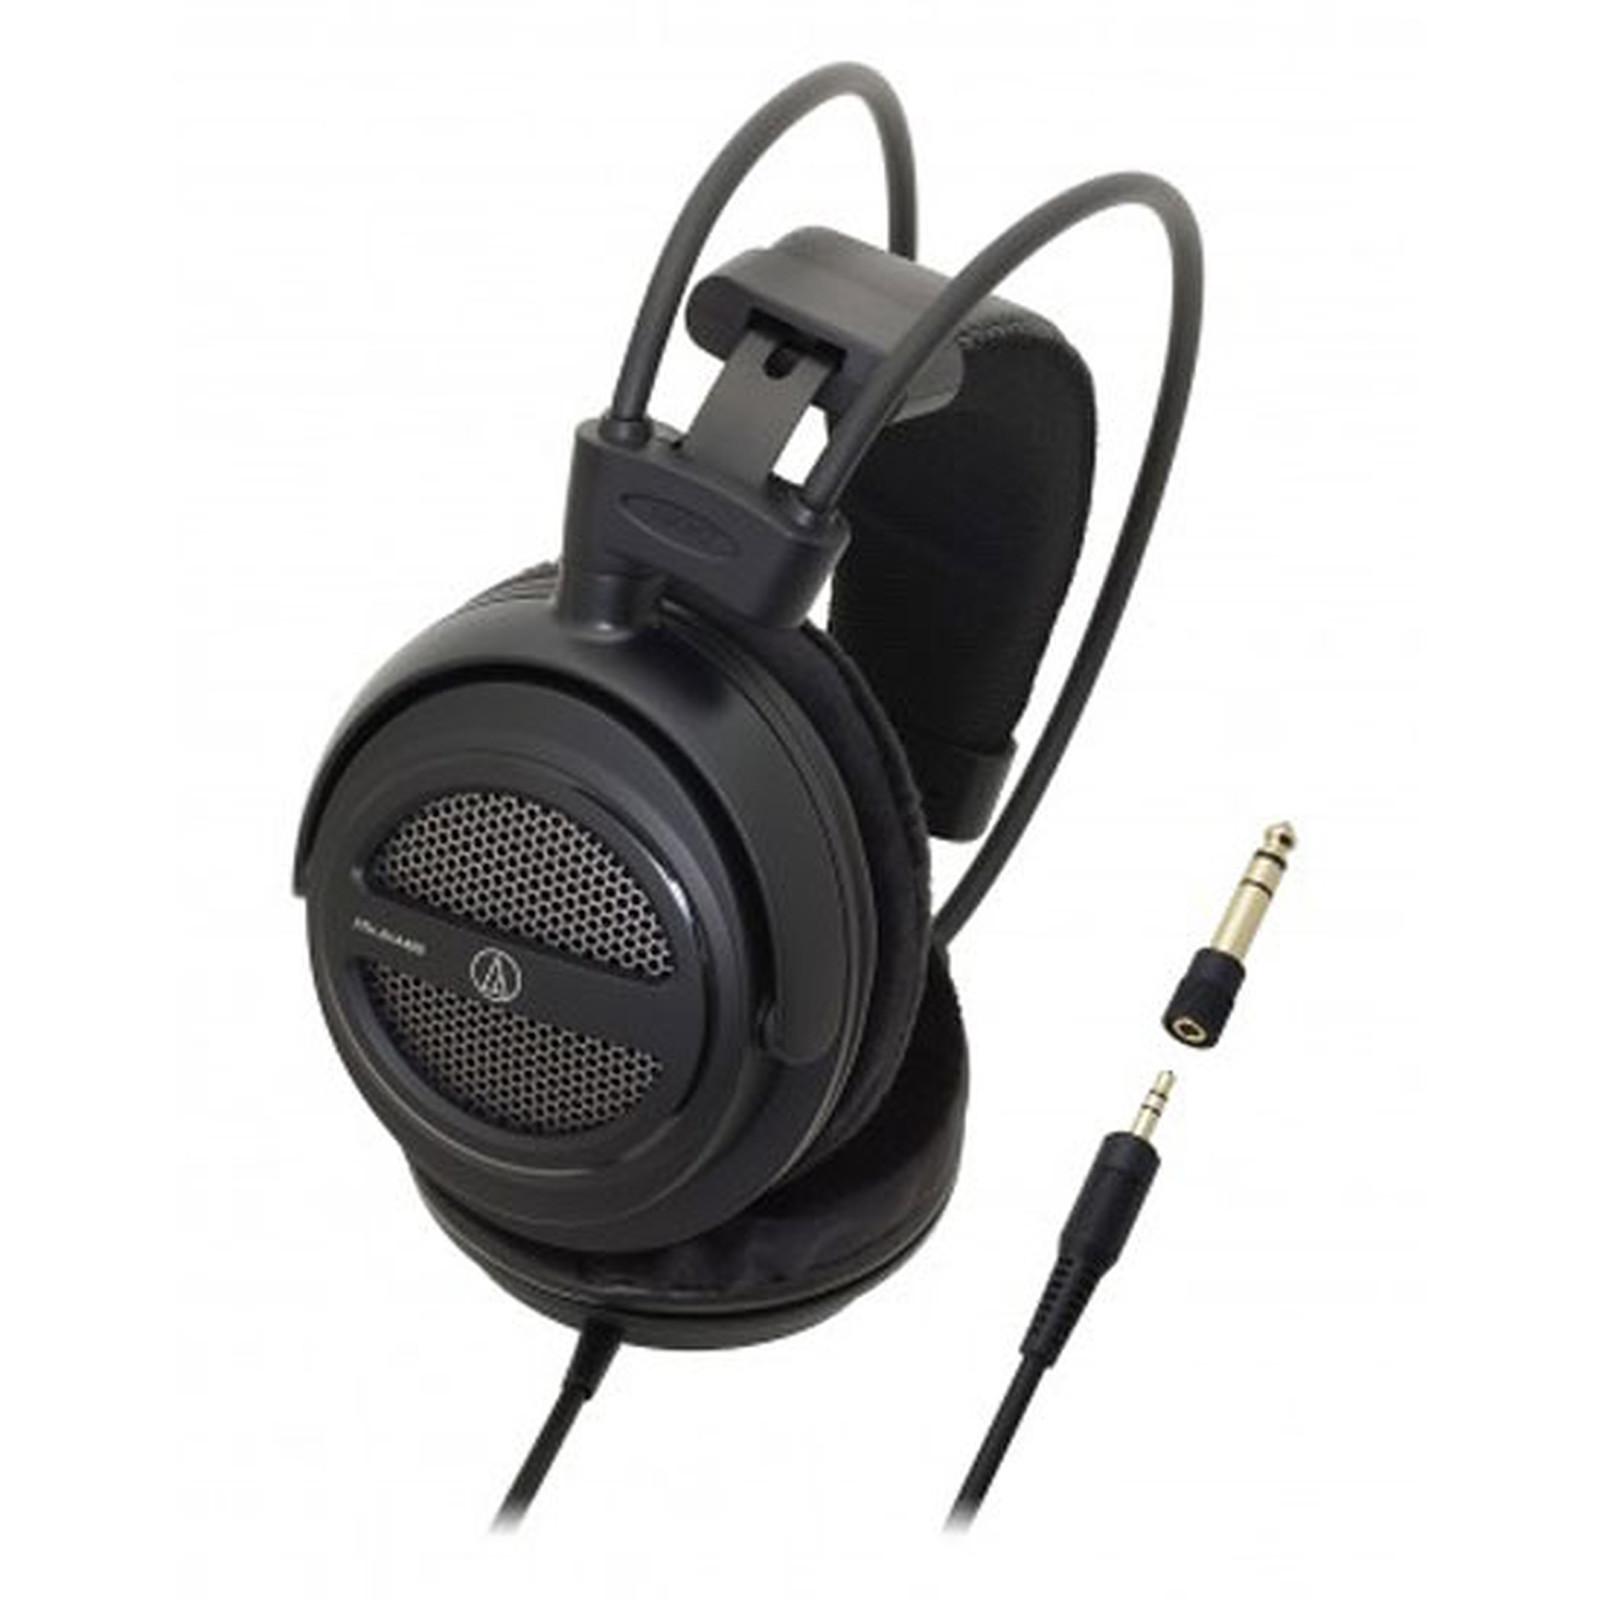 Audio-Technica ATH-AVA400 Noir